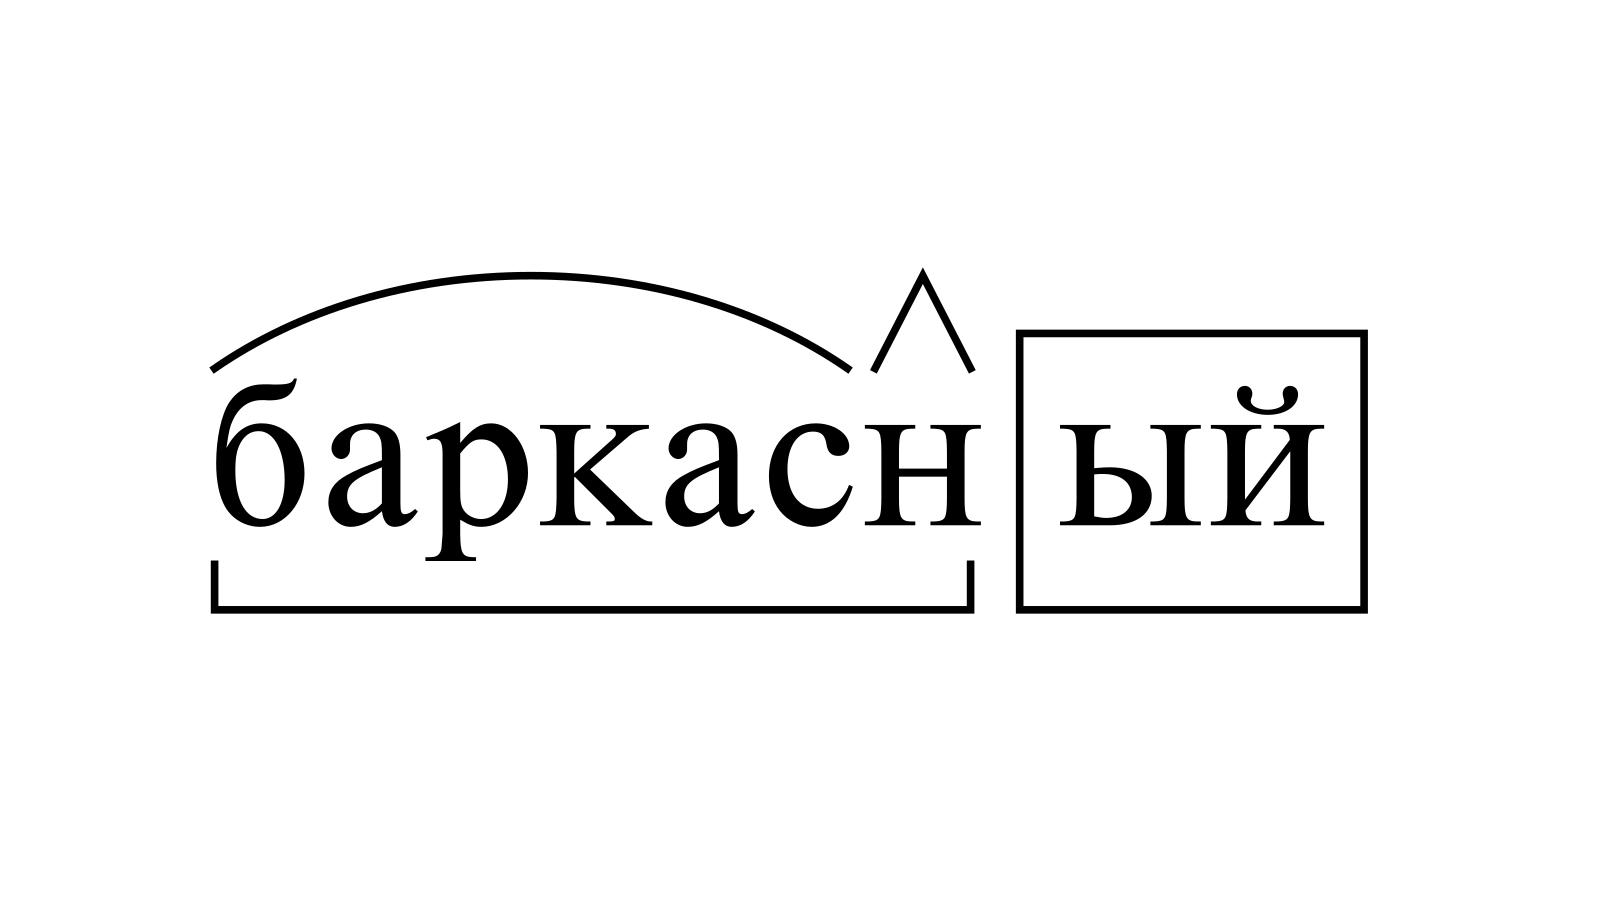 Разбор слова «баркасный» по составу